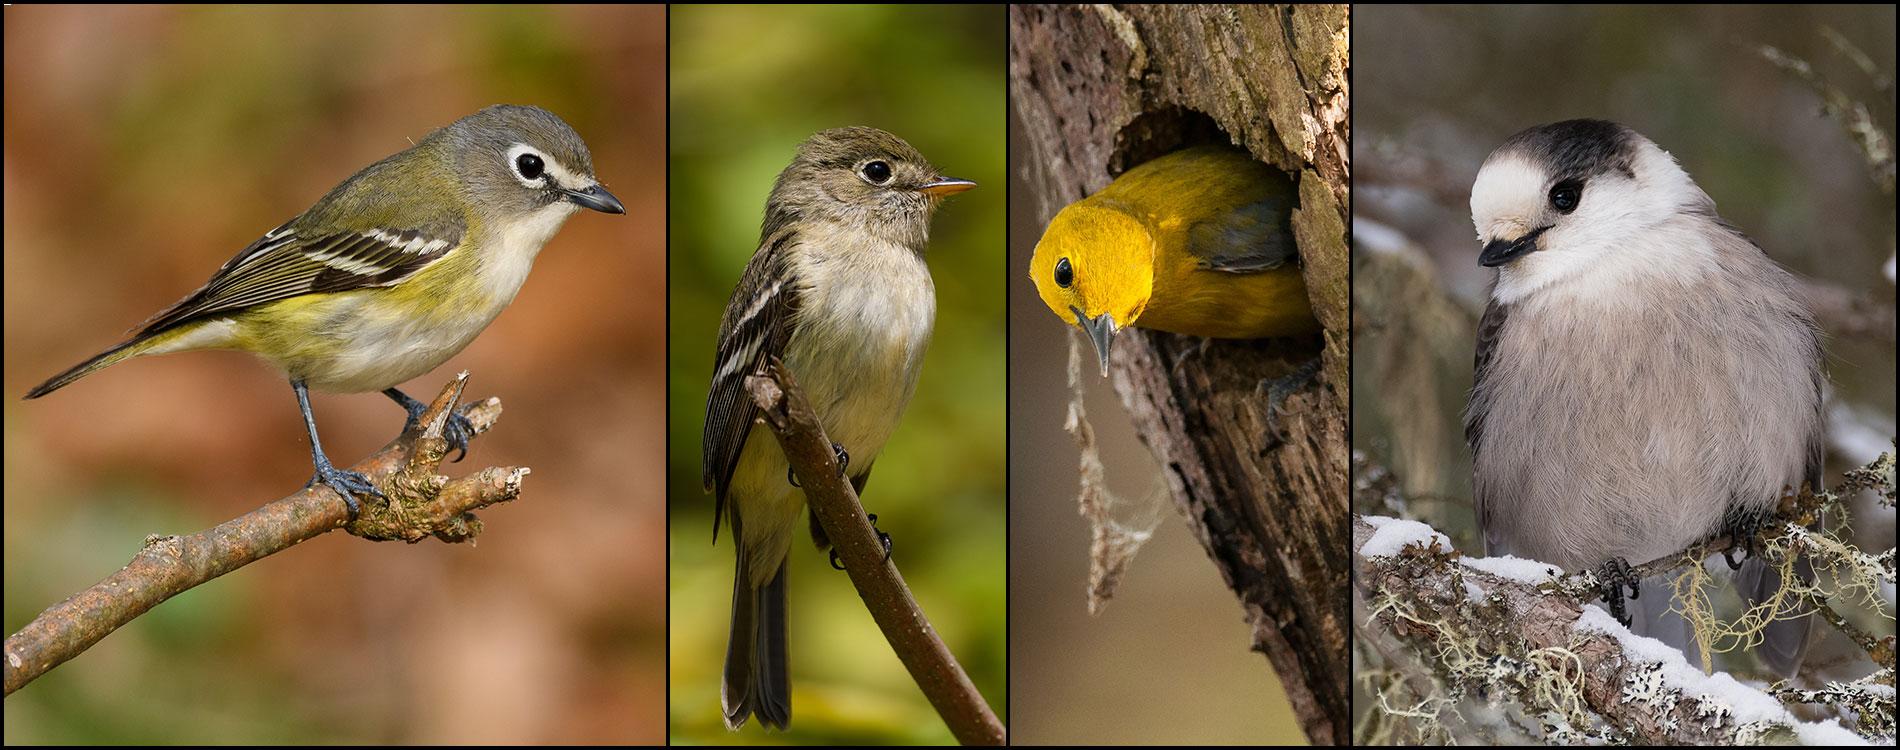 birds4_1900x750